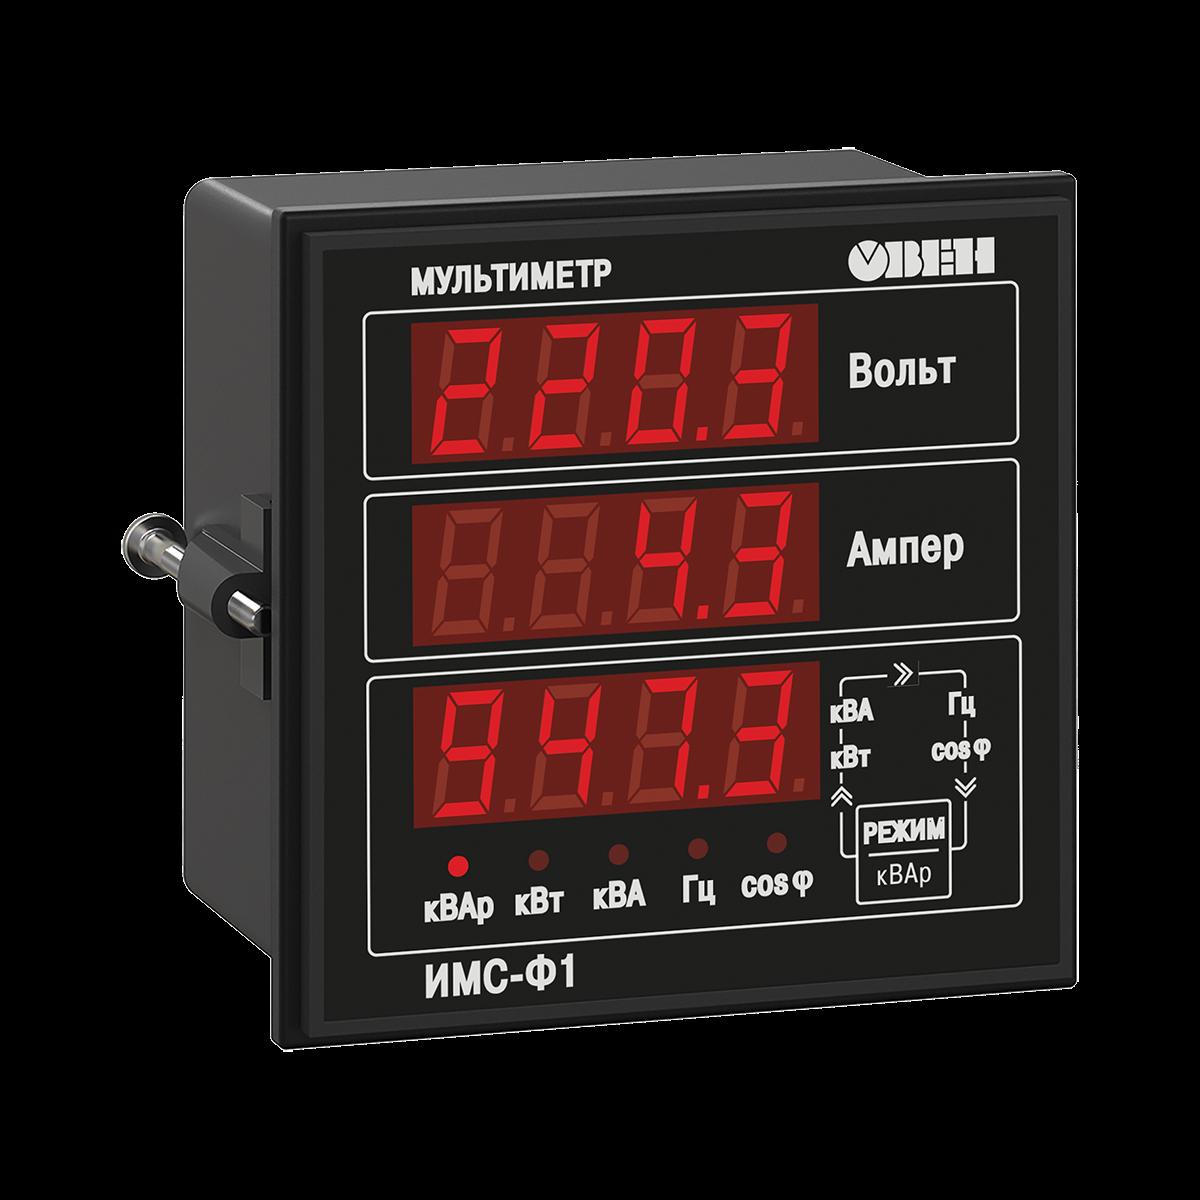 Мультиметр ИМС-Ф1